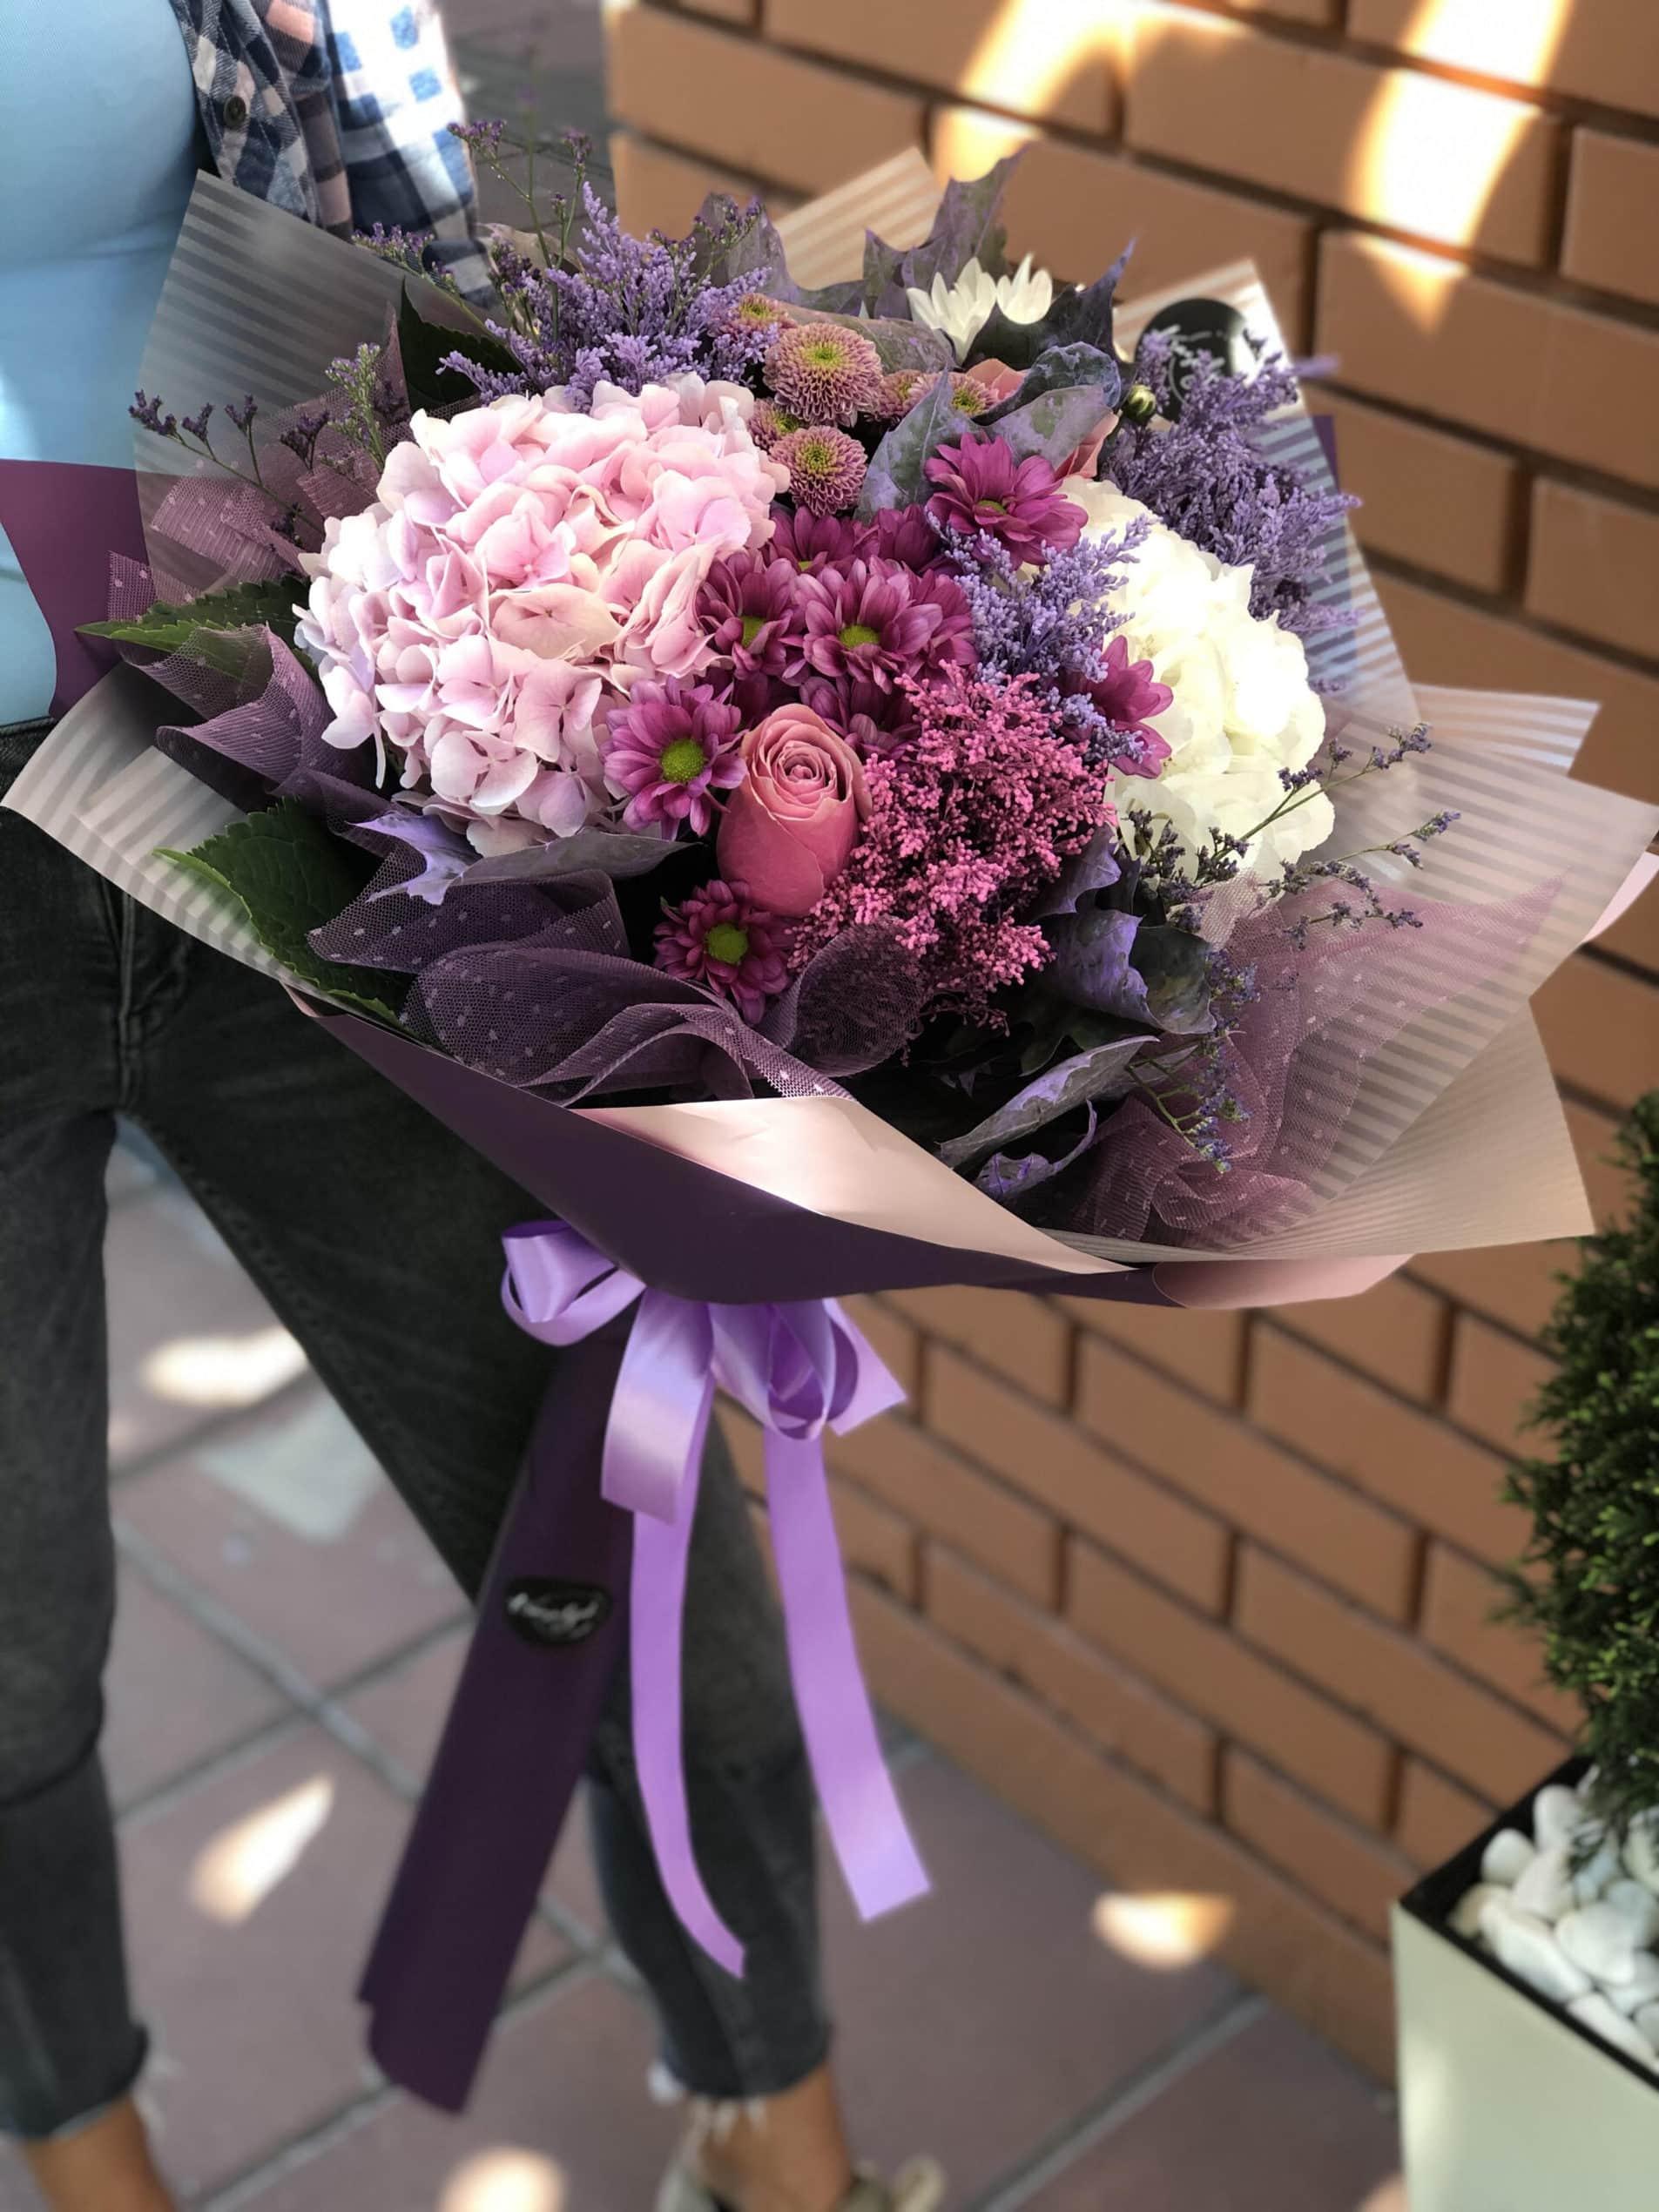 Cveće - buket cveća u rozim tonovima. Ruže, ukrasni papiri